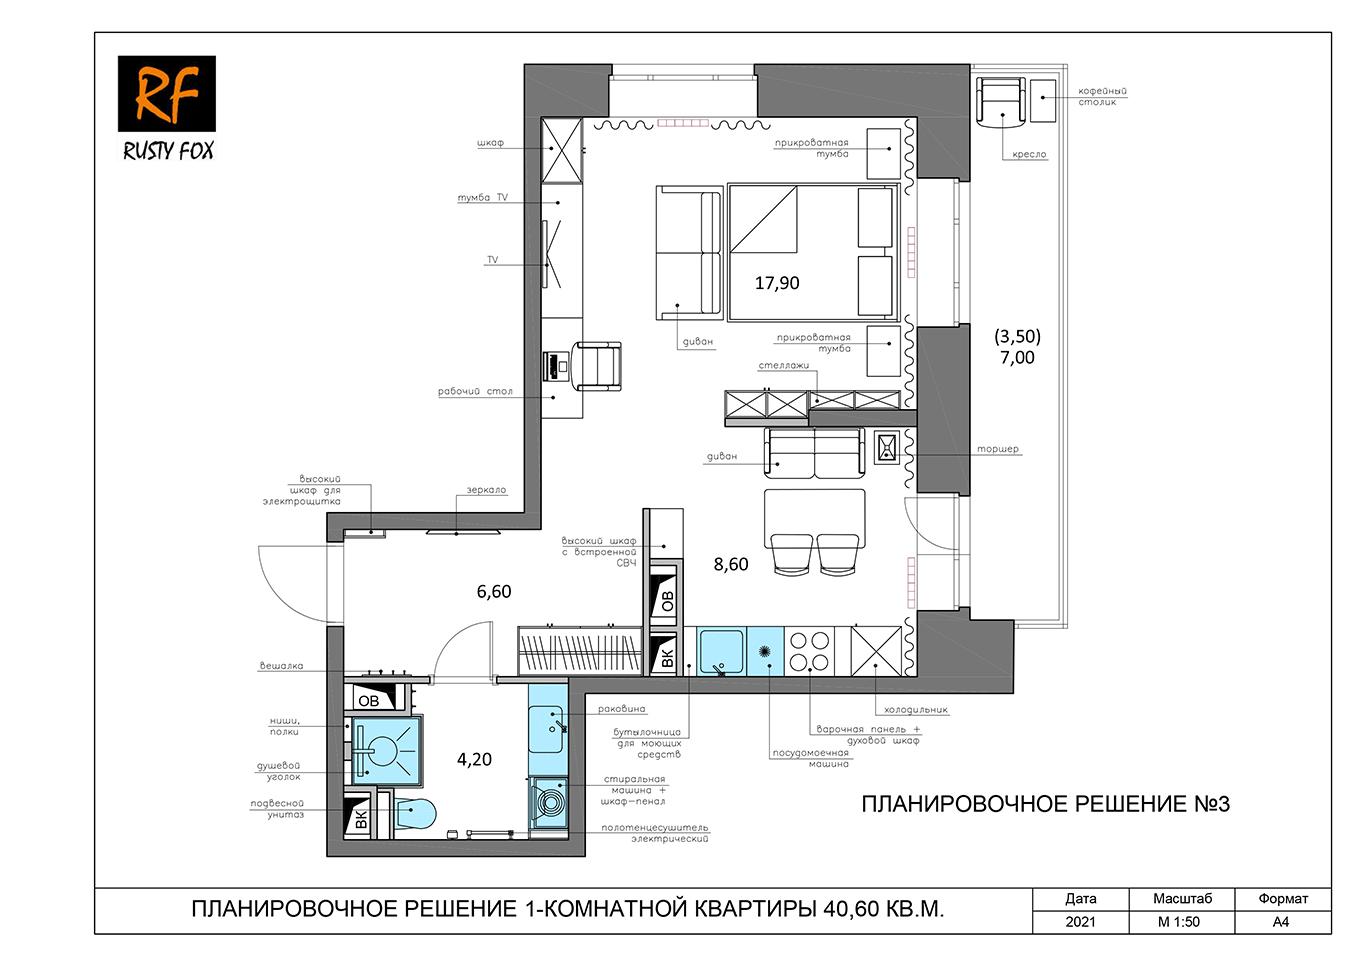 ЖК Люберцы корпус 54. Планировочное решение №3 1-комнотная квартира 40,60 кв.м.